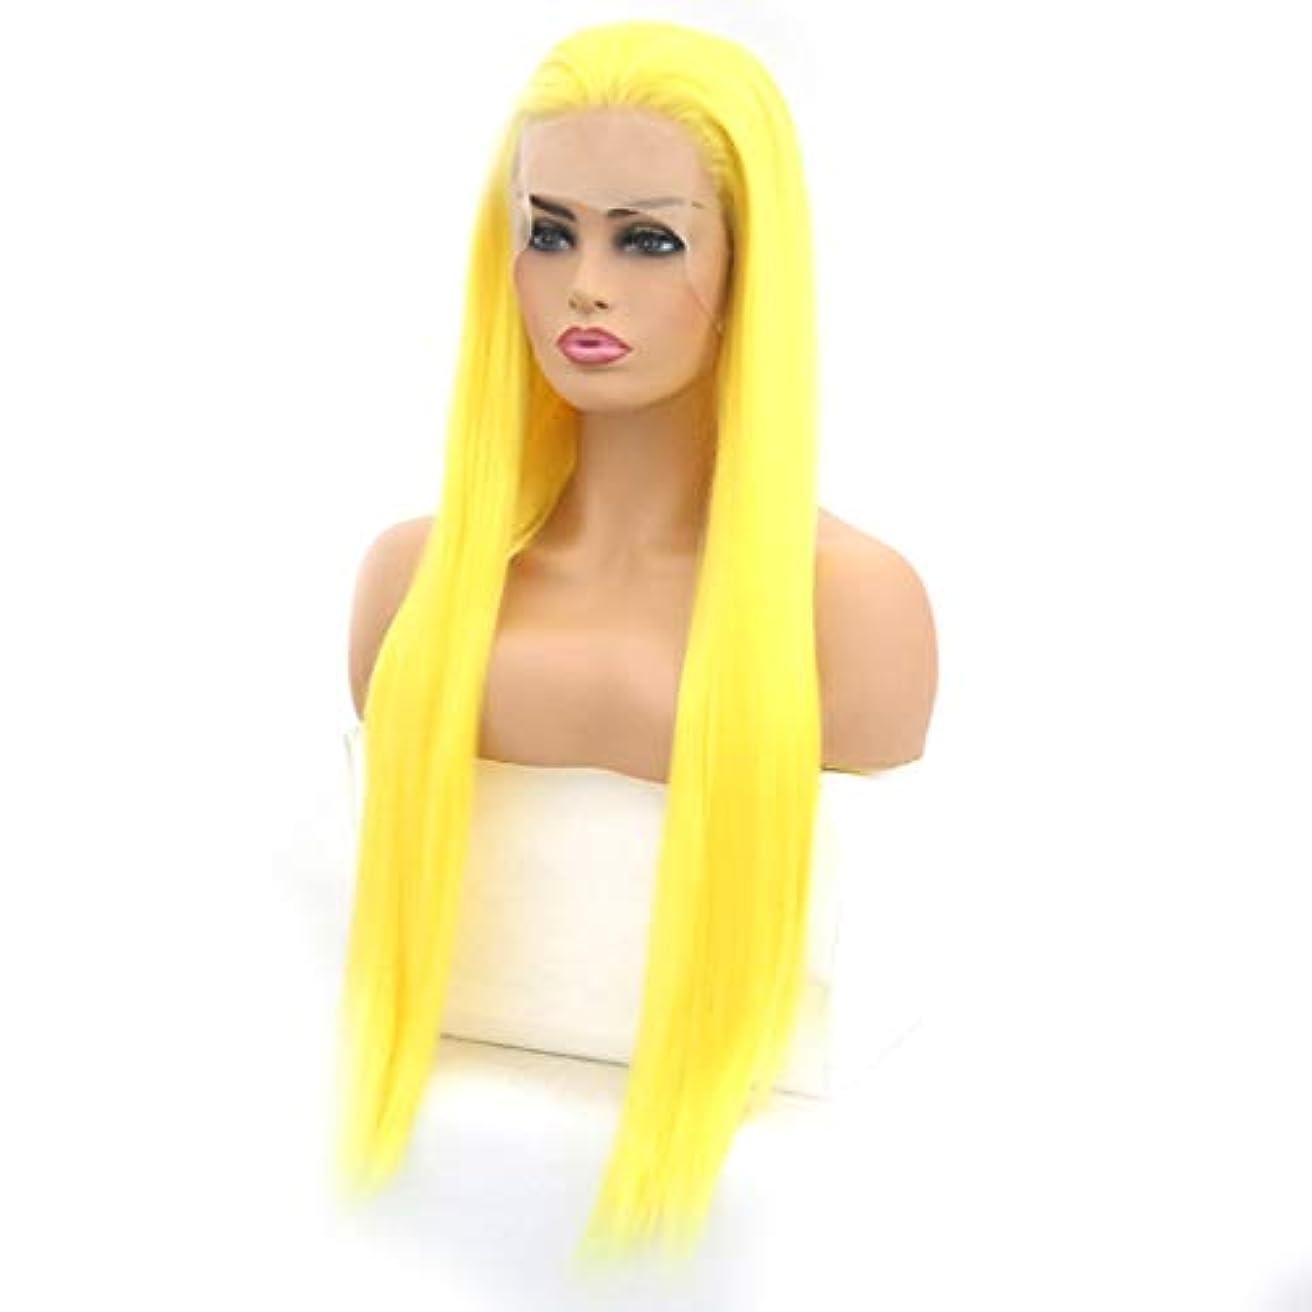 Kerwinner 女性のためのレースフロントかつらサイド部分ロングナチュラルストレート耐熱人工毛ウィッグ (Size : 18inch)